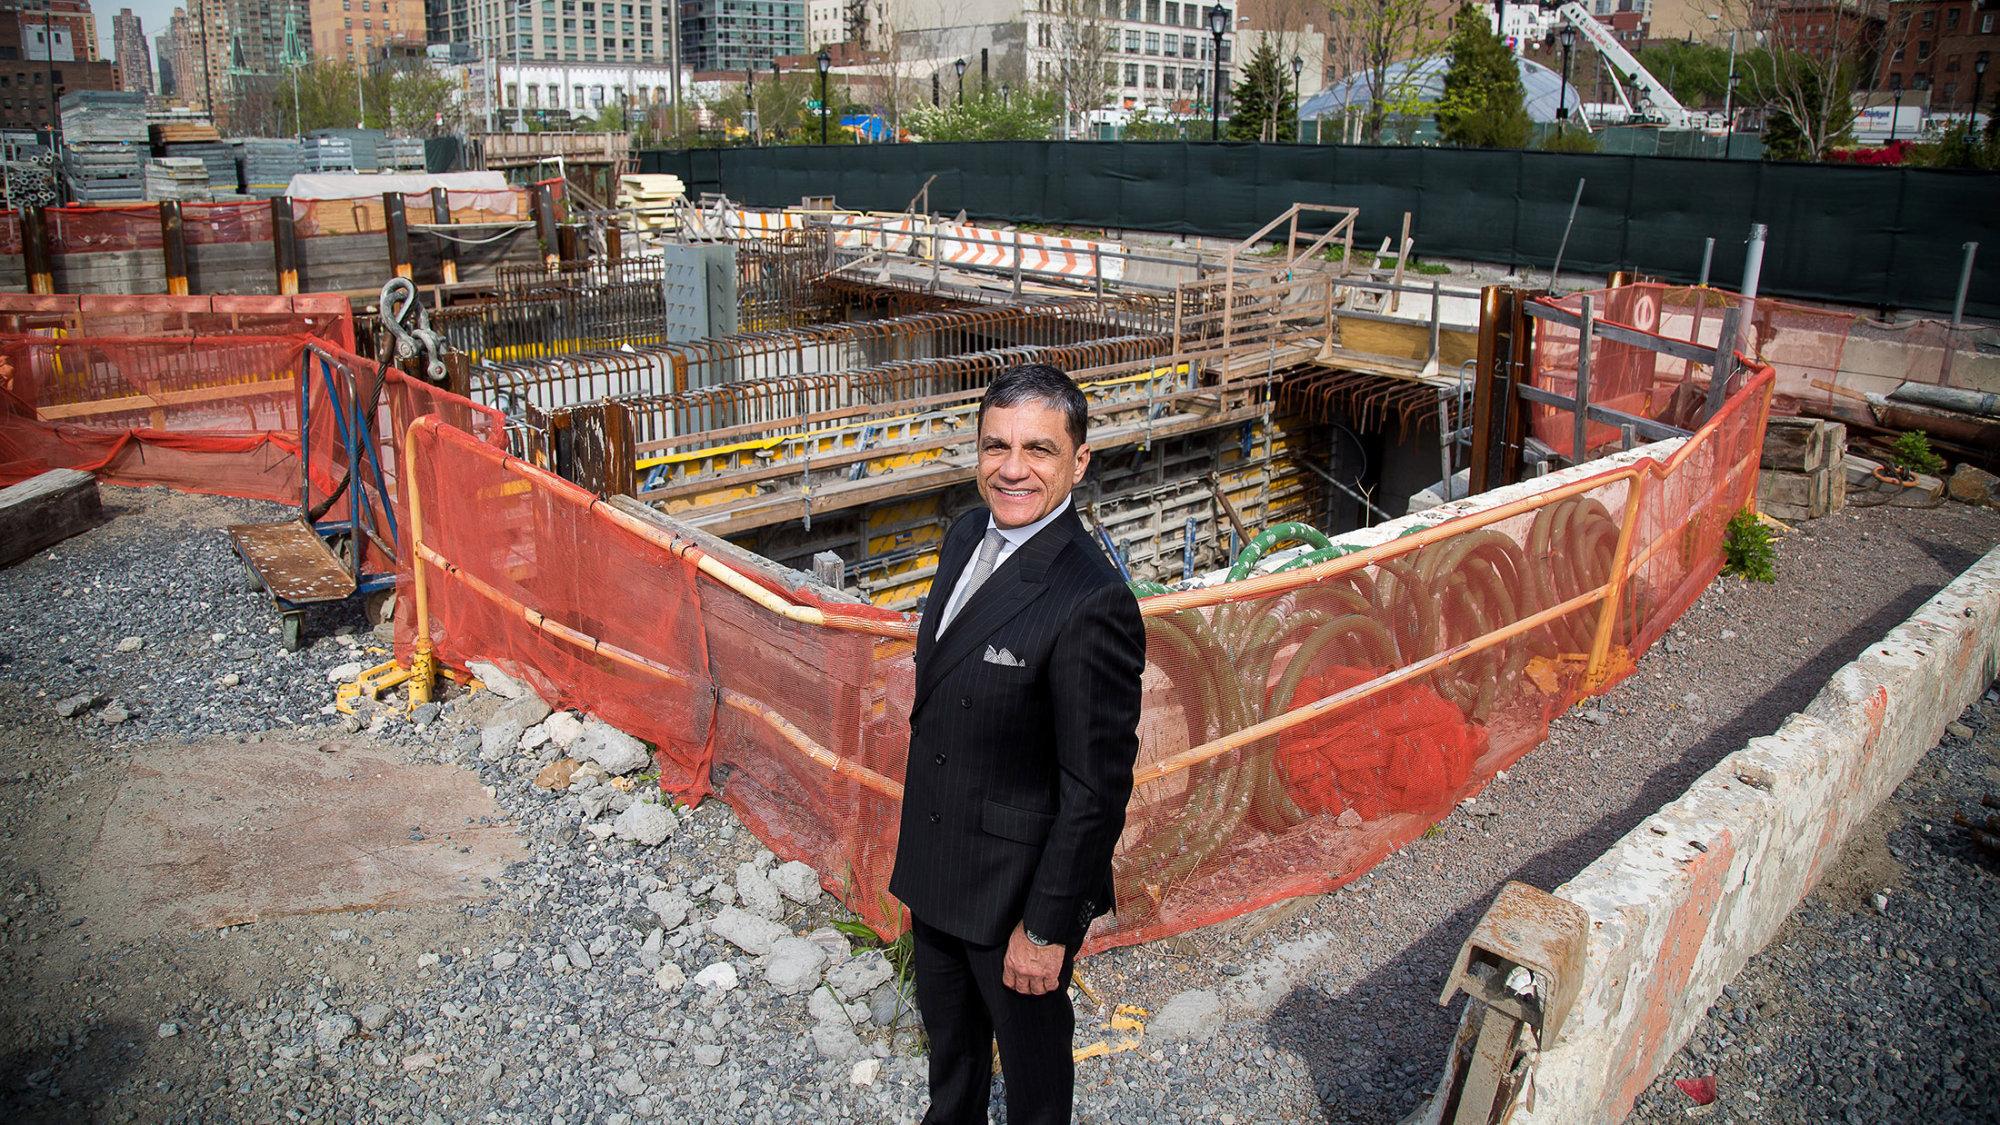 New York 3 Hudson Boulevard 940 Ft 53 Floors Under